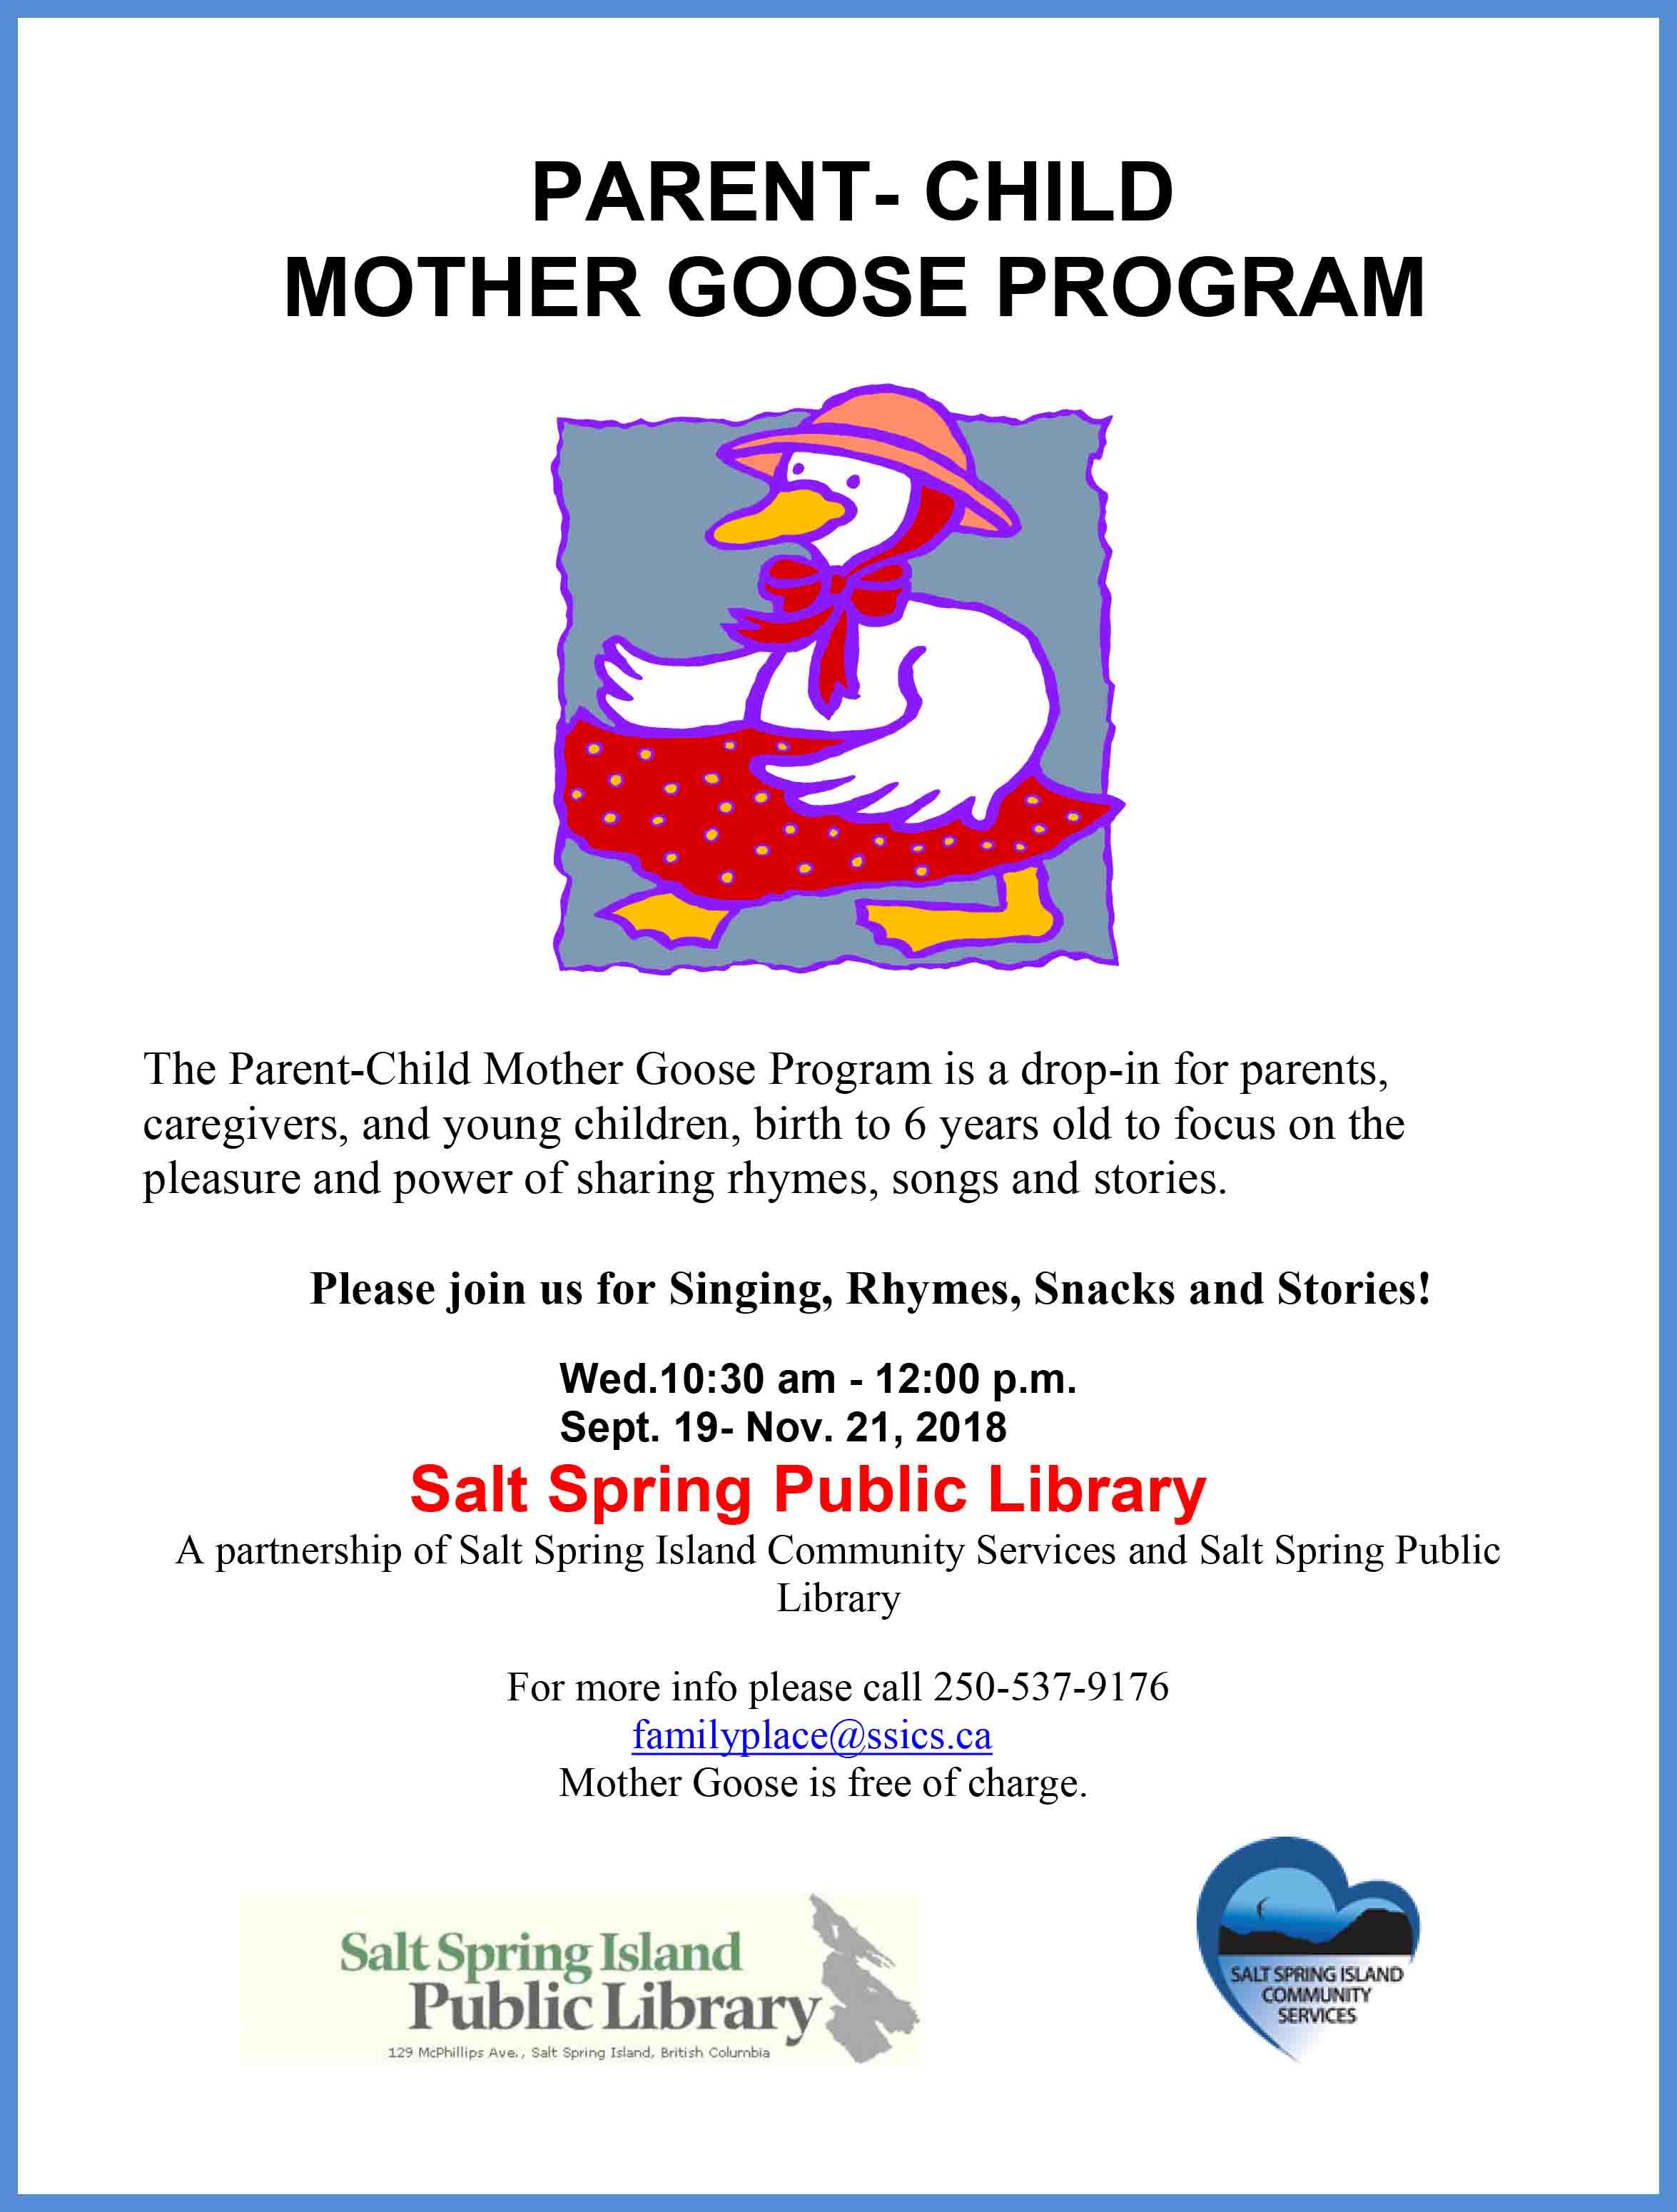 Parent-Child Mother Goose Program @ Salt Spring Library